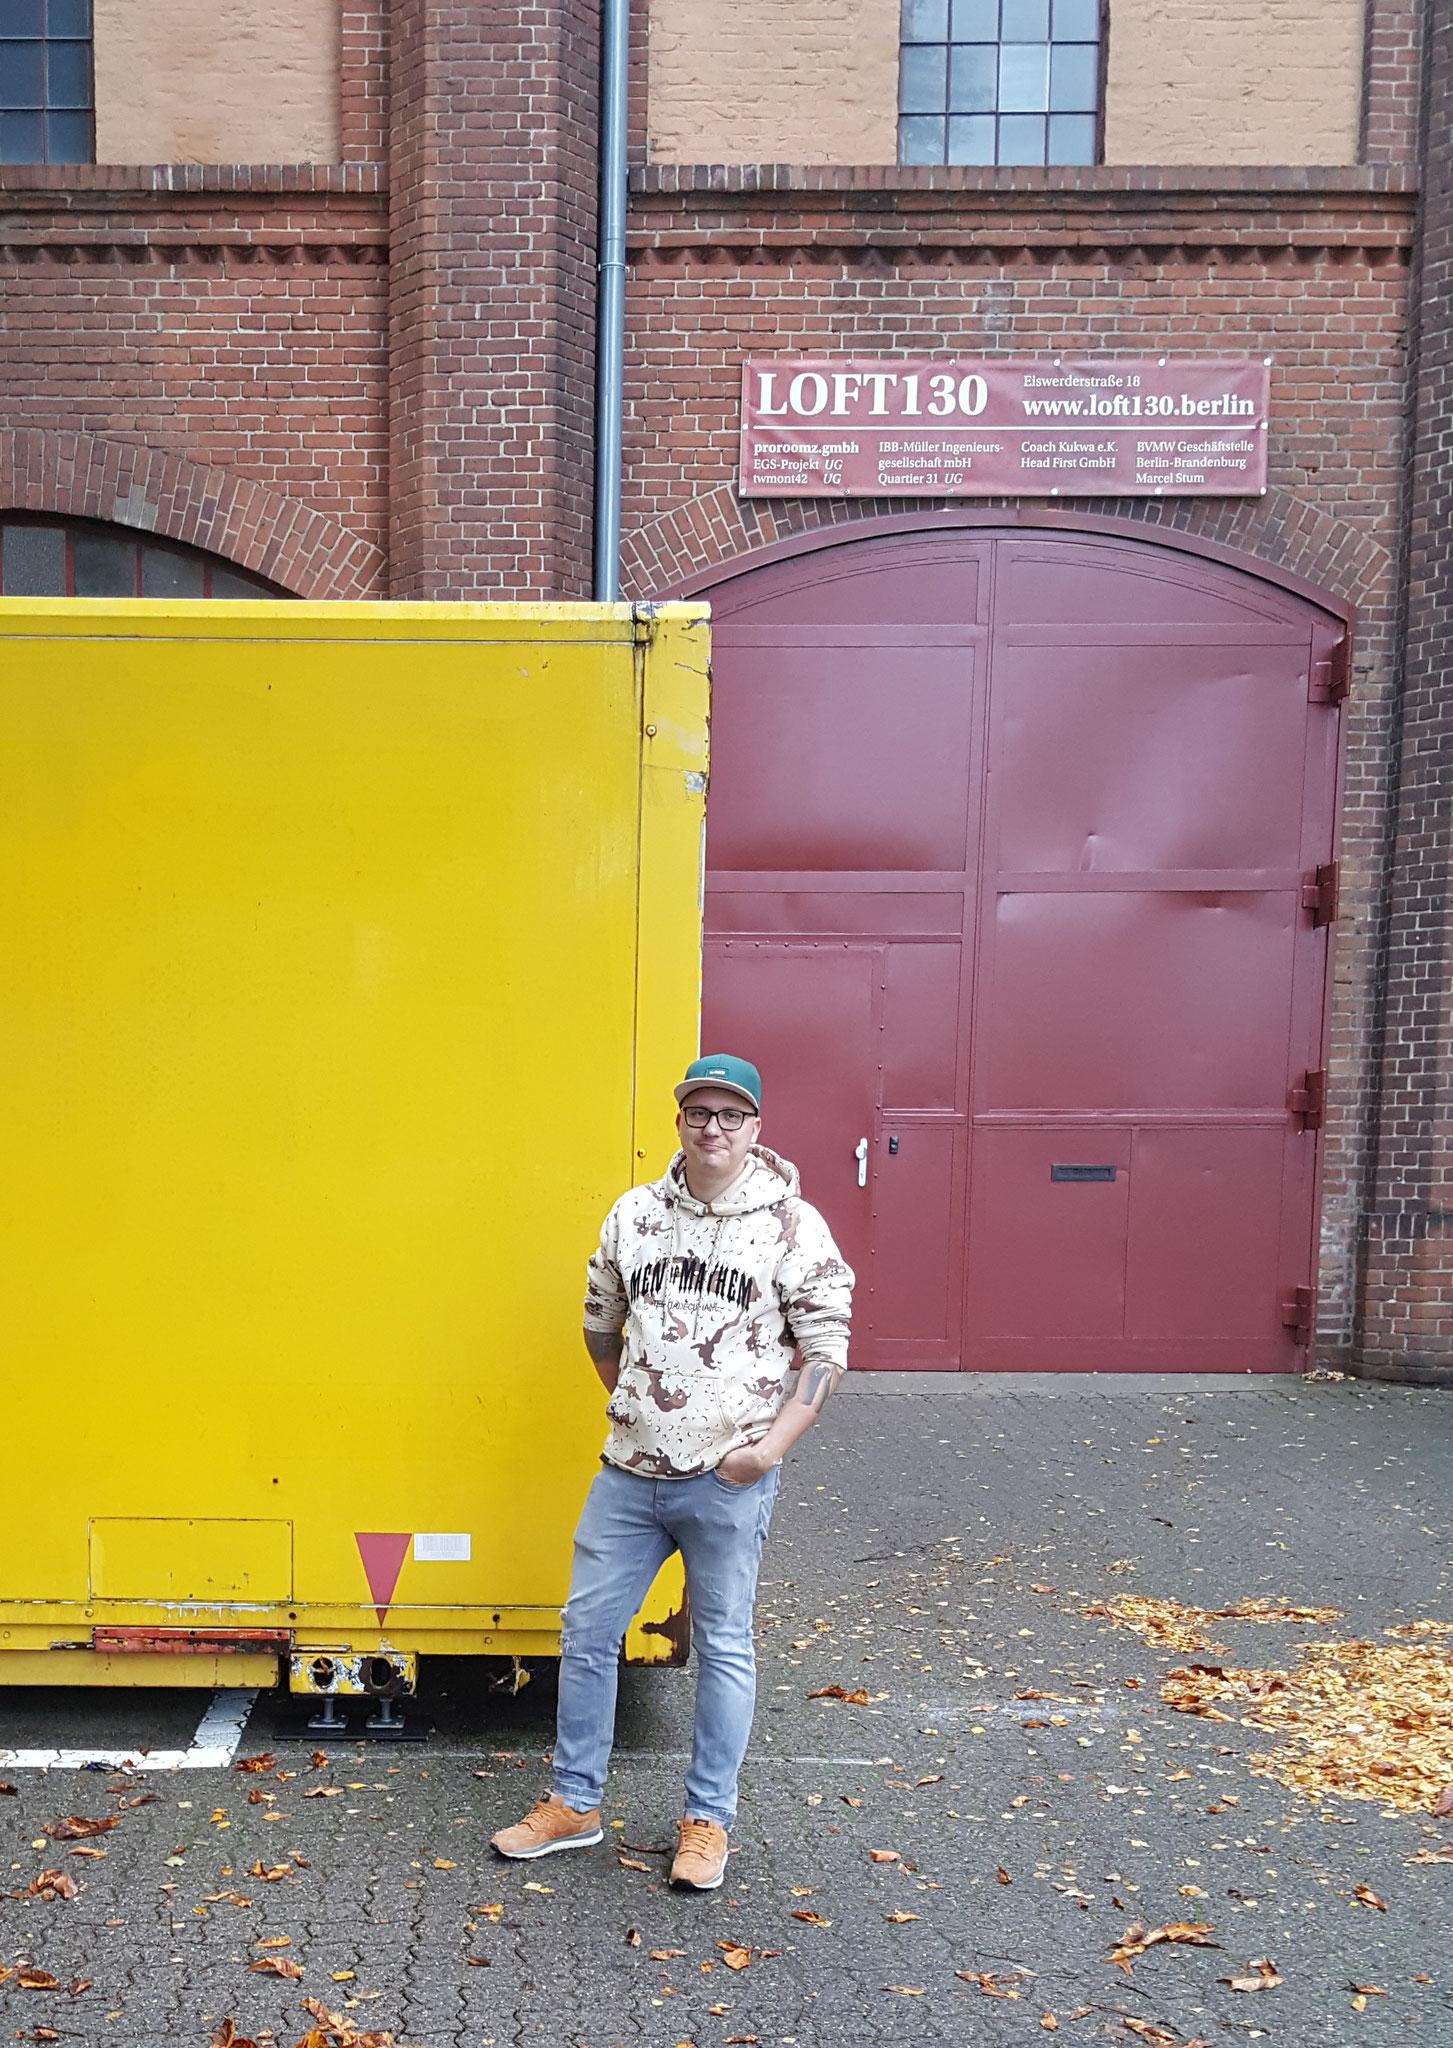 Orts- und Inspirationstermin mit Sprayer Sören Weigert